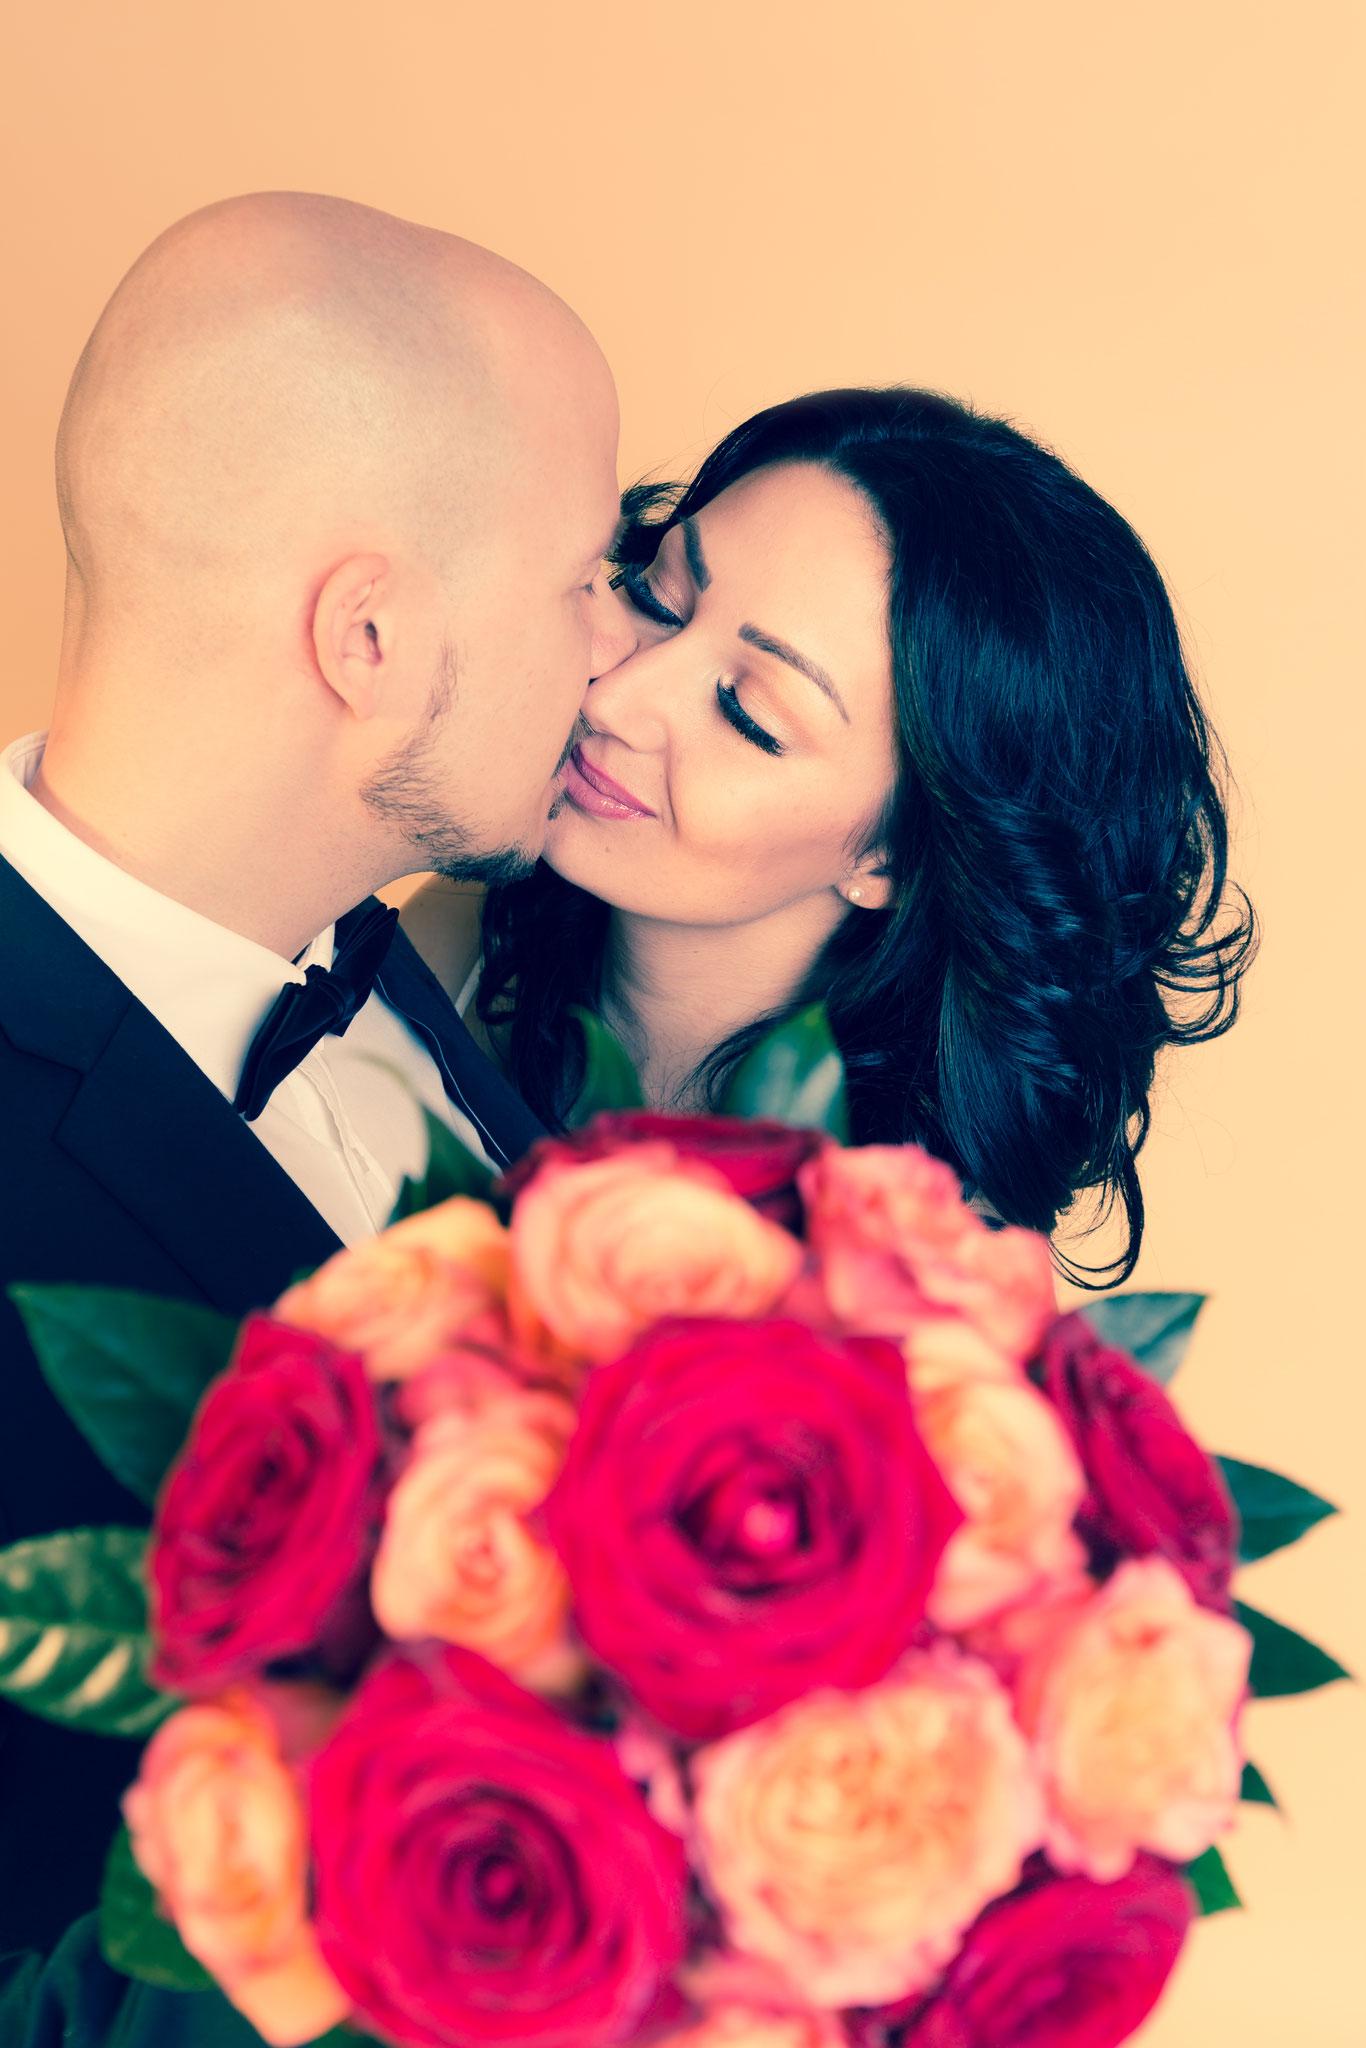 Hochzeits Fotoshooting mit Brautpaar aus Erlangen - Fotostudio Erlangen